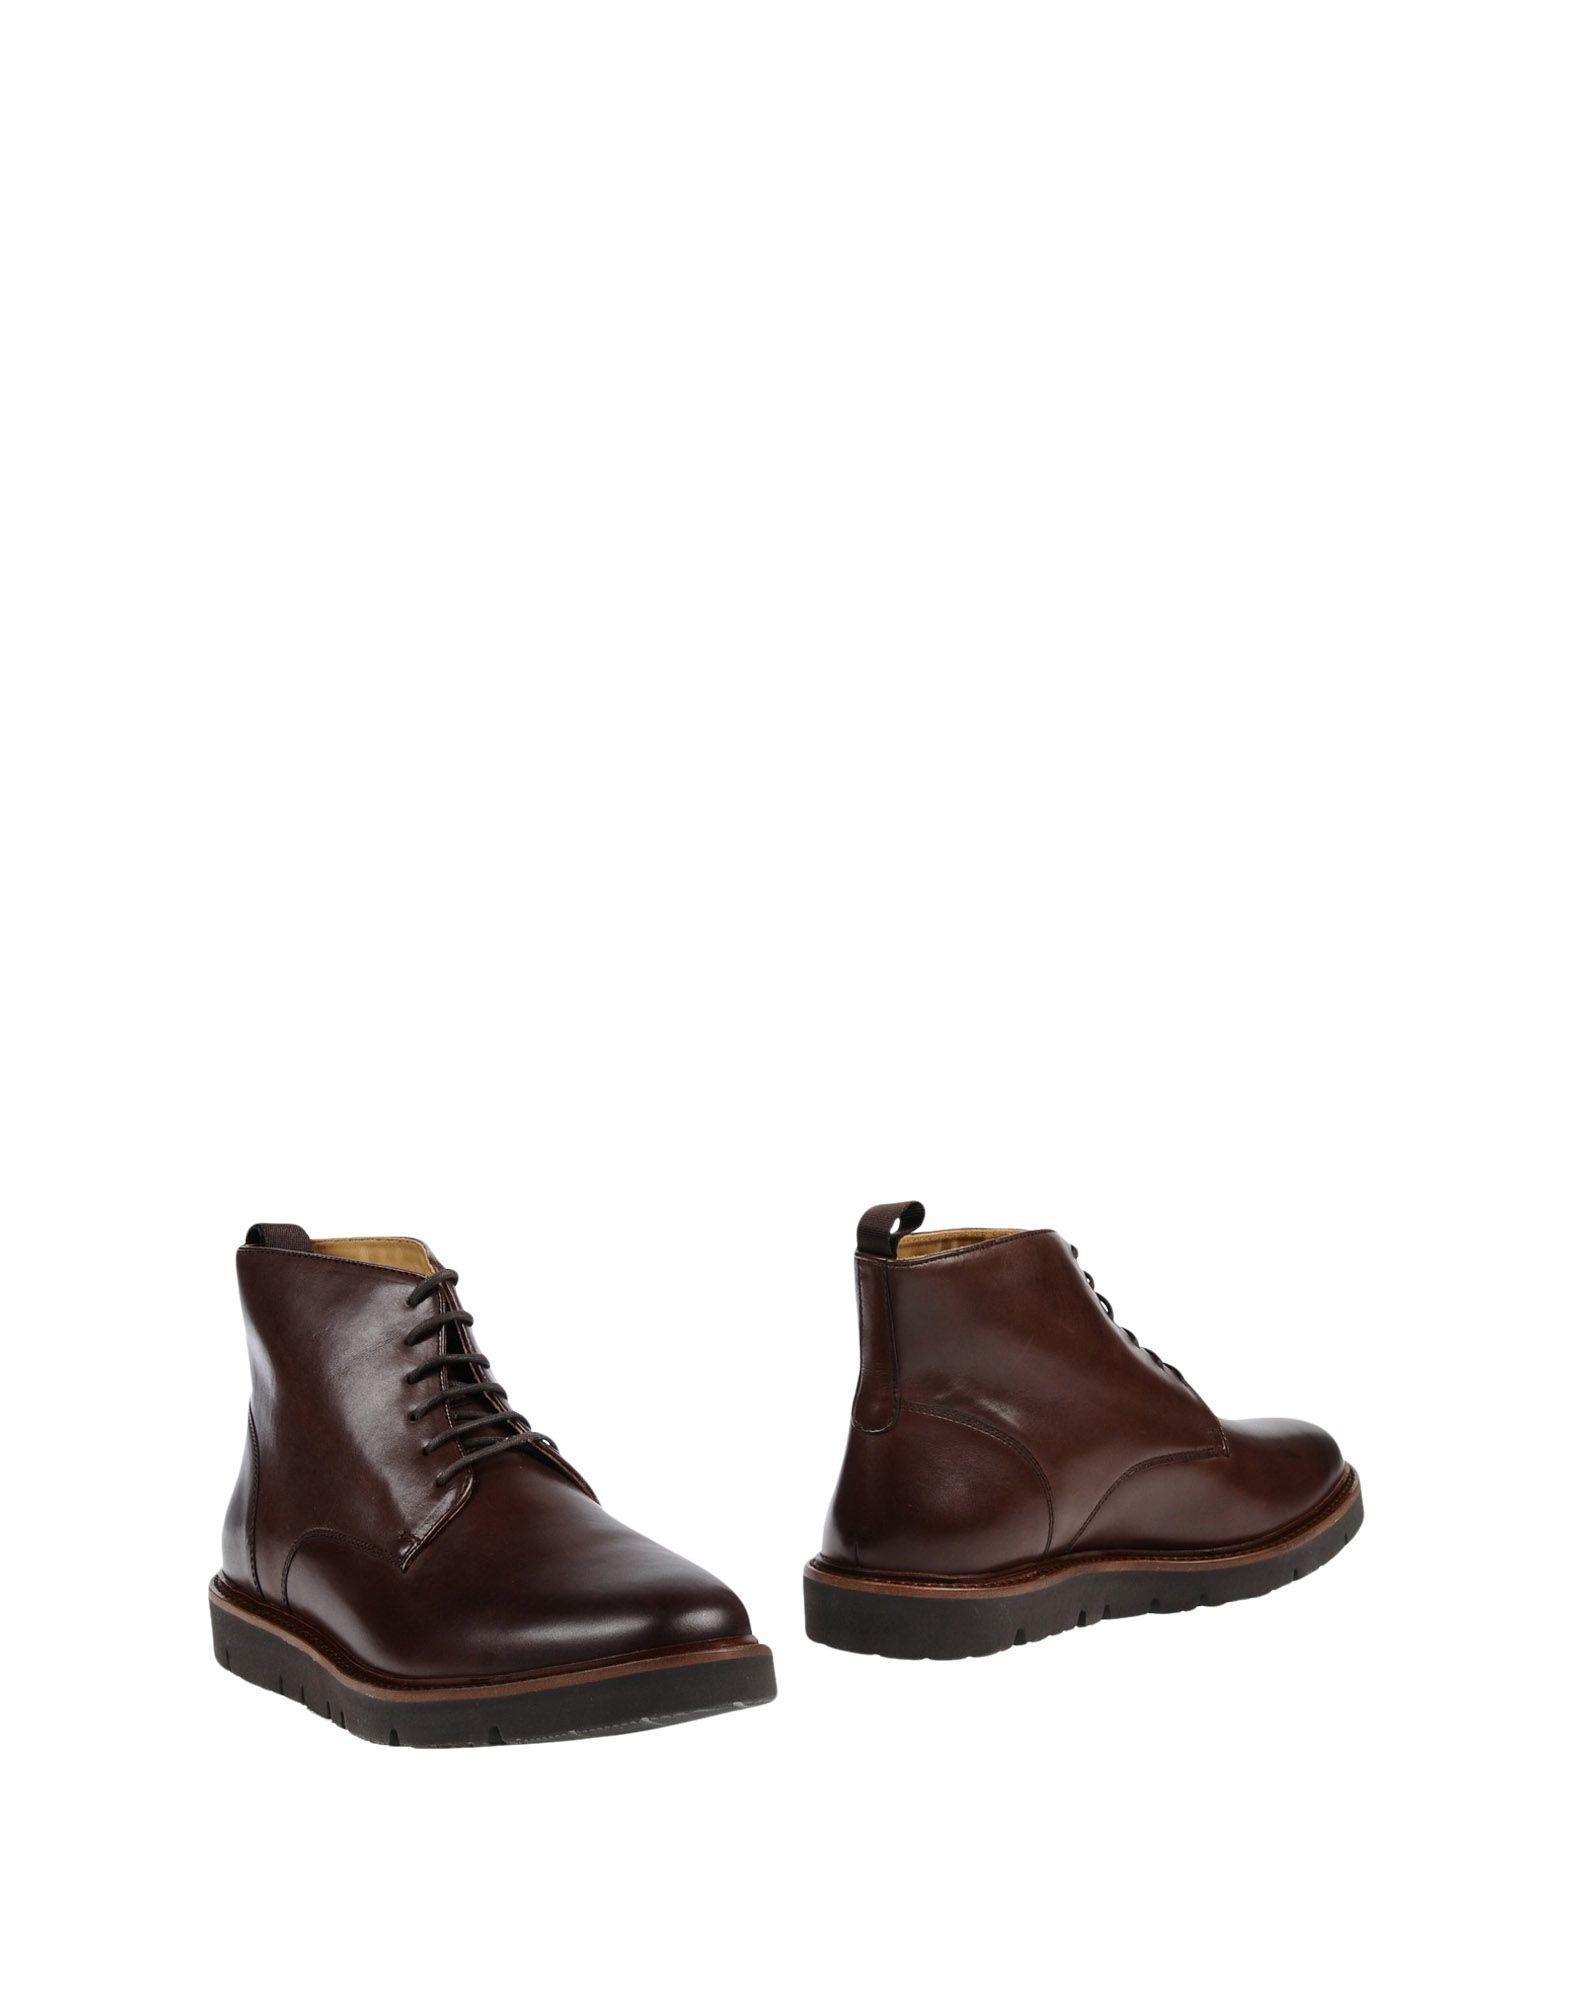 ARMANI JEANS Полусапоги и высокие ботинки armani junior полусапоги и высокие ботинки